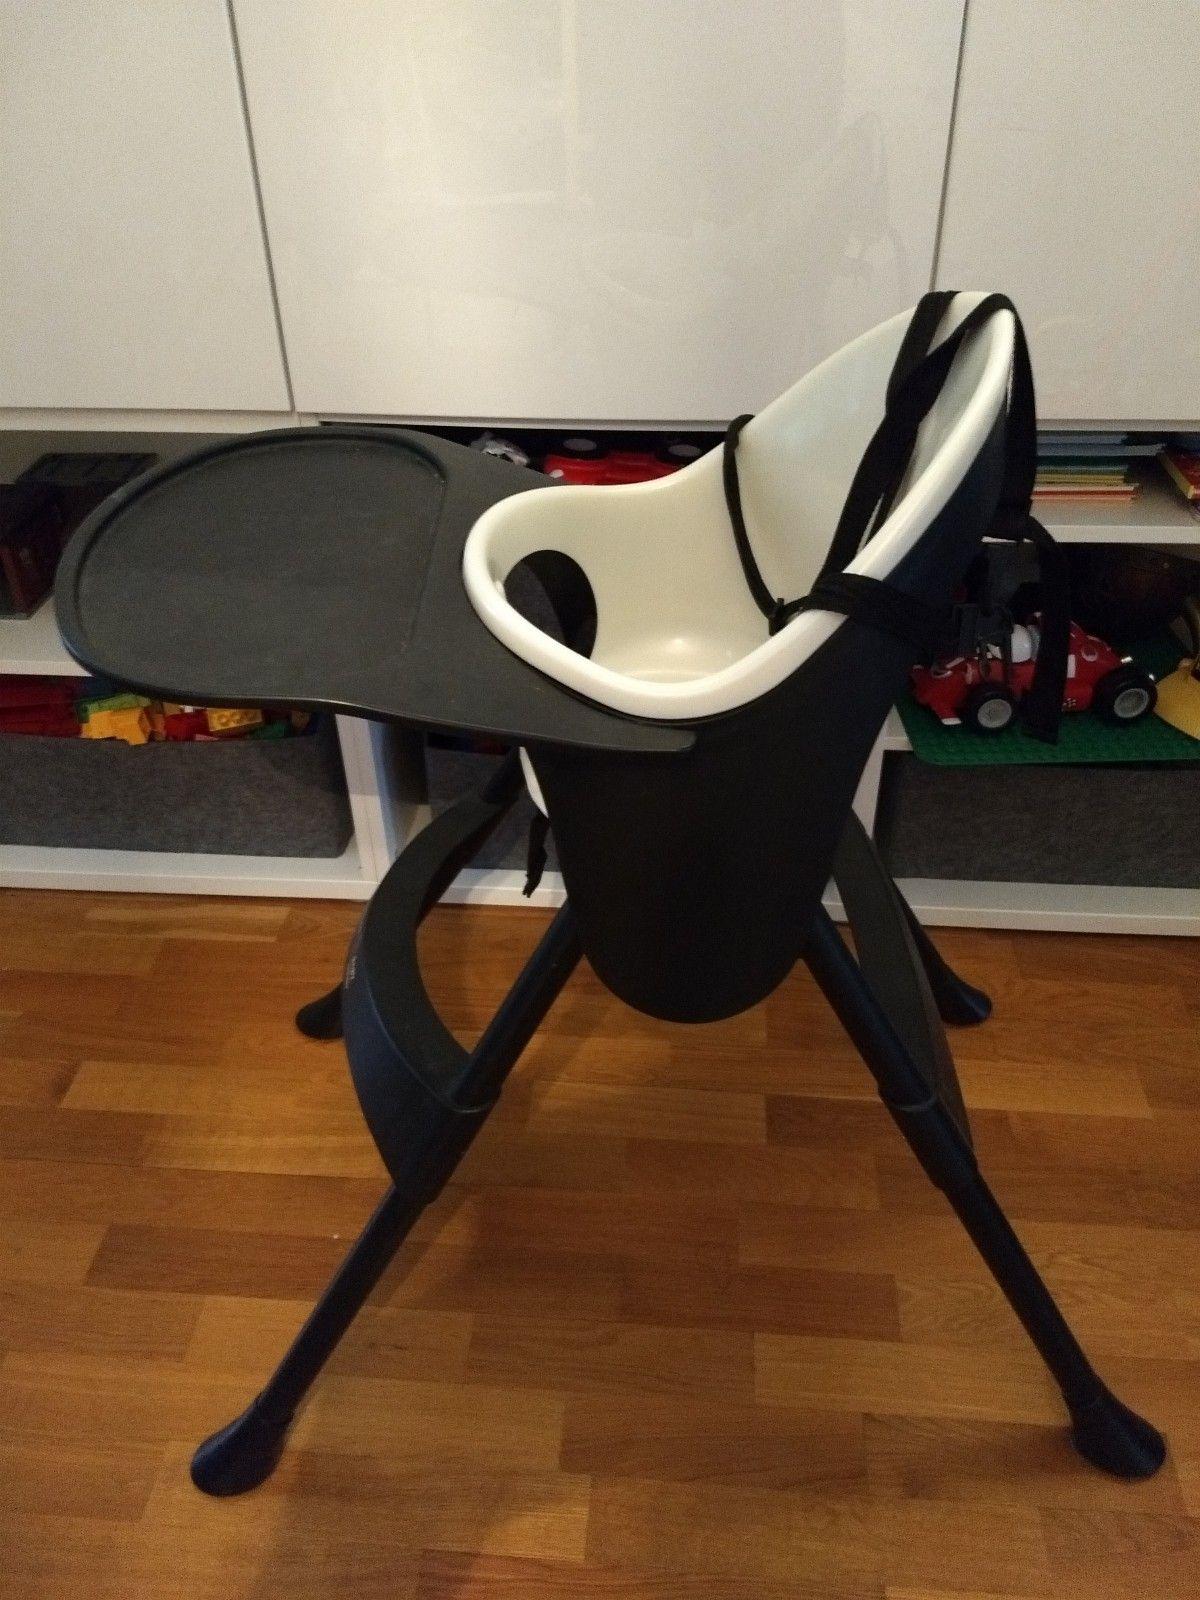 Barnestol - Baby chair - Basson Baby - Rykkinn  - Basson Baby stol med sikkerhetssele og matbrett.  Selges: 150  Nøkkelord / keyword: Babystol, barnestol, baby chair, kids chair, basson baby. - Rykkinn